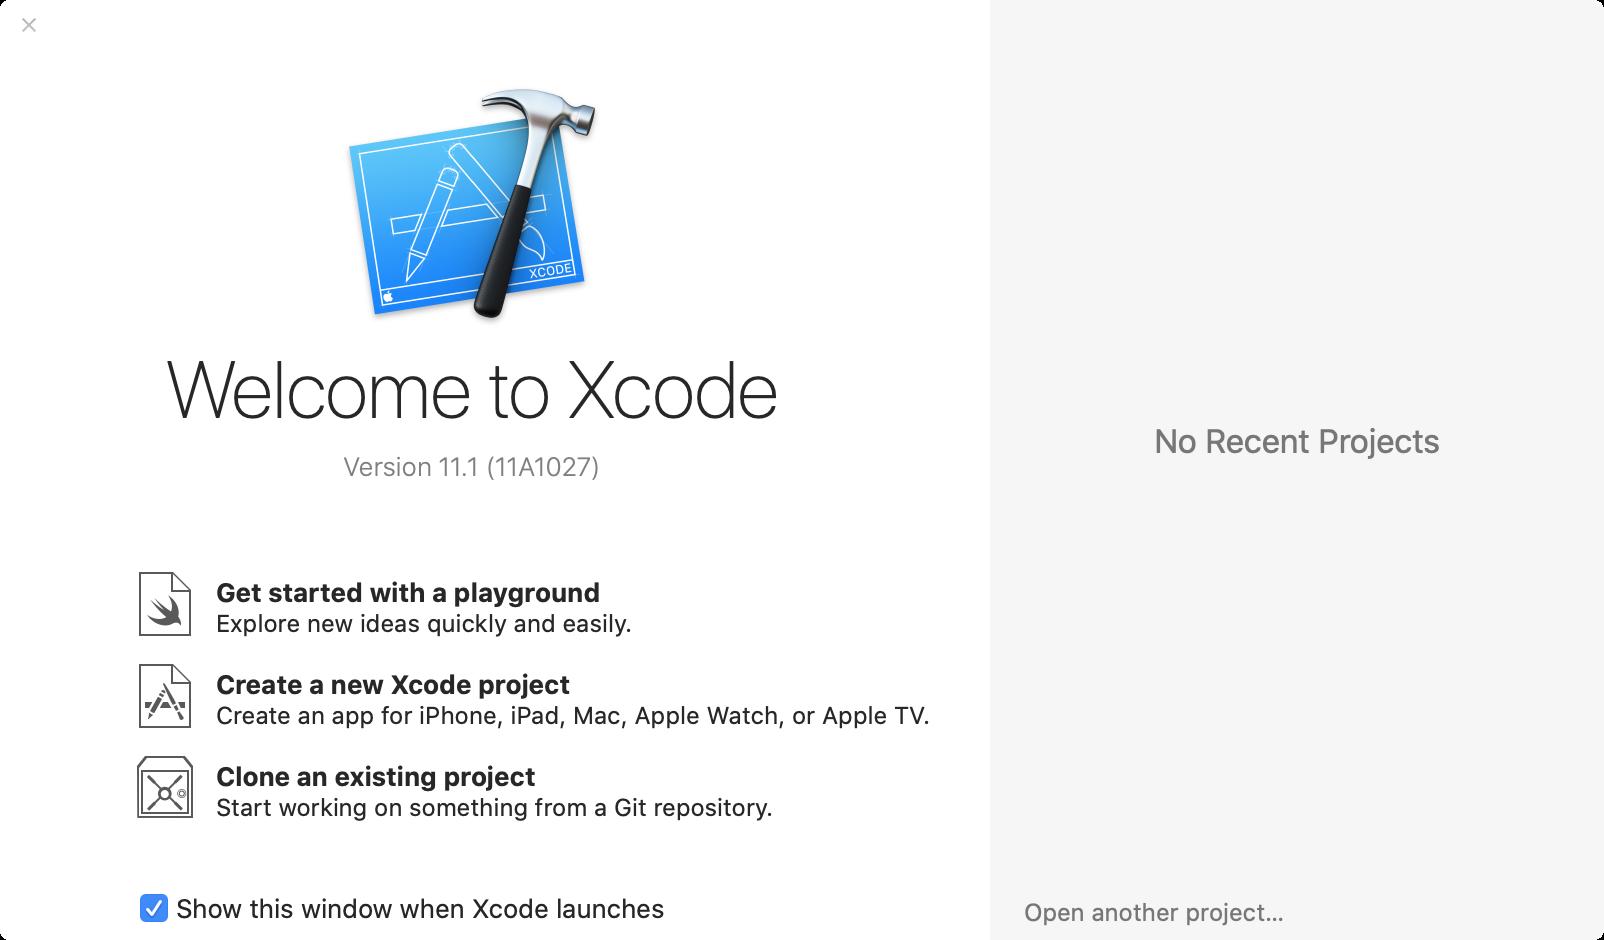 Xcode Version im Willkommensbildschirm